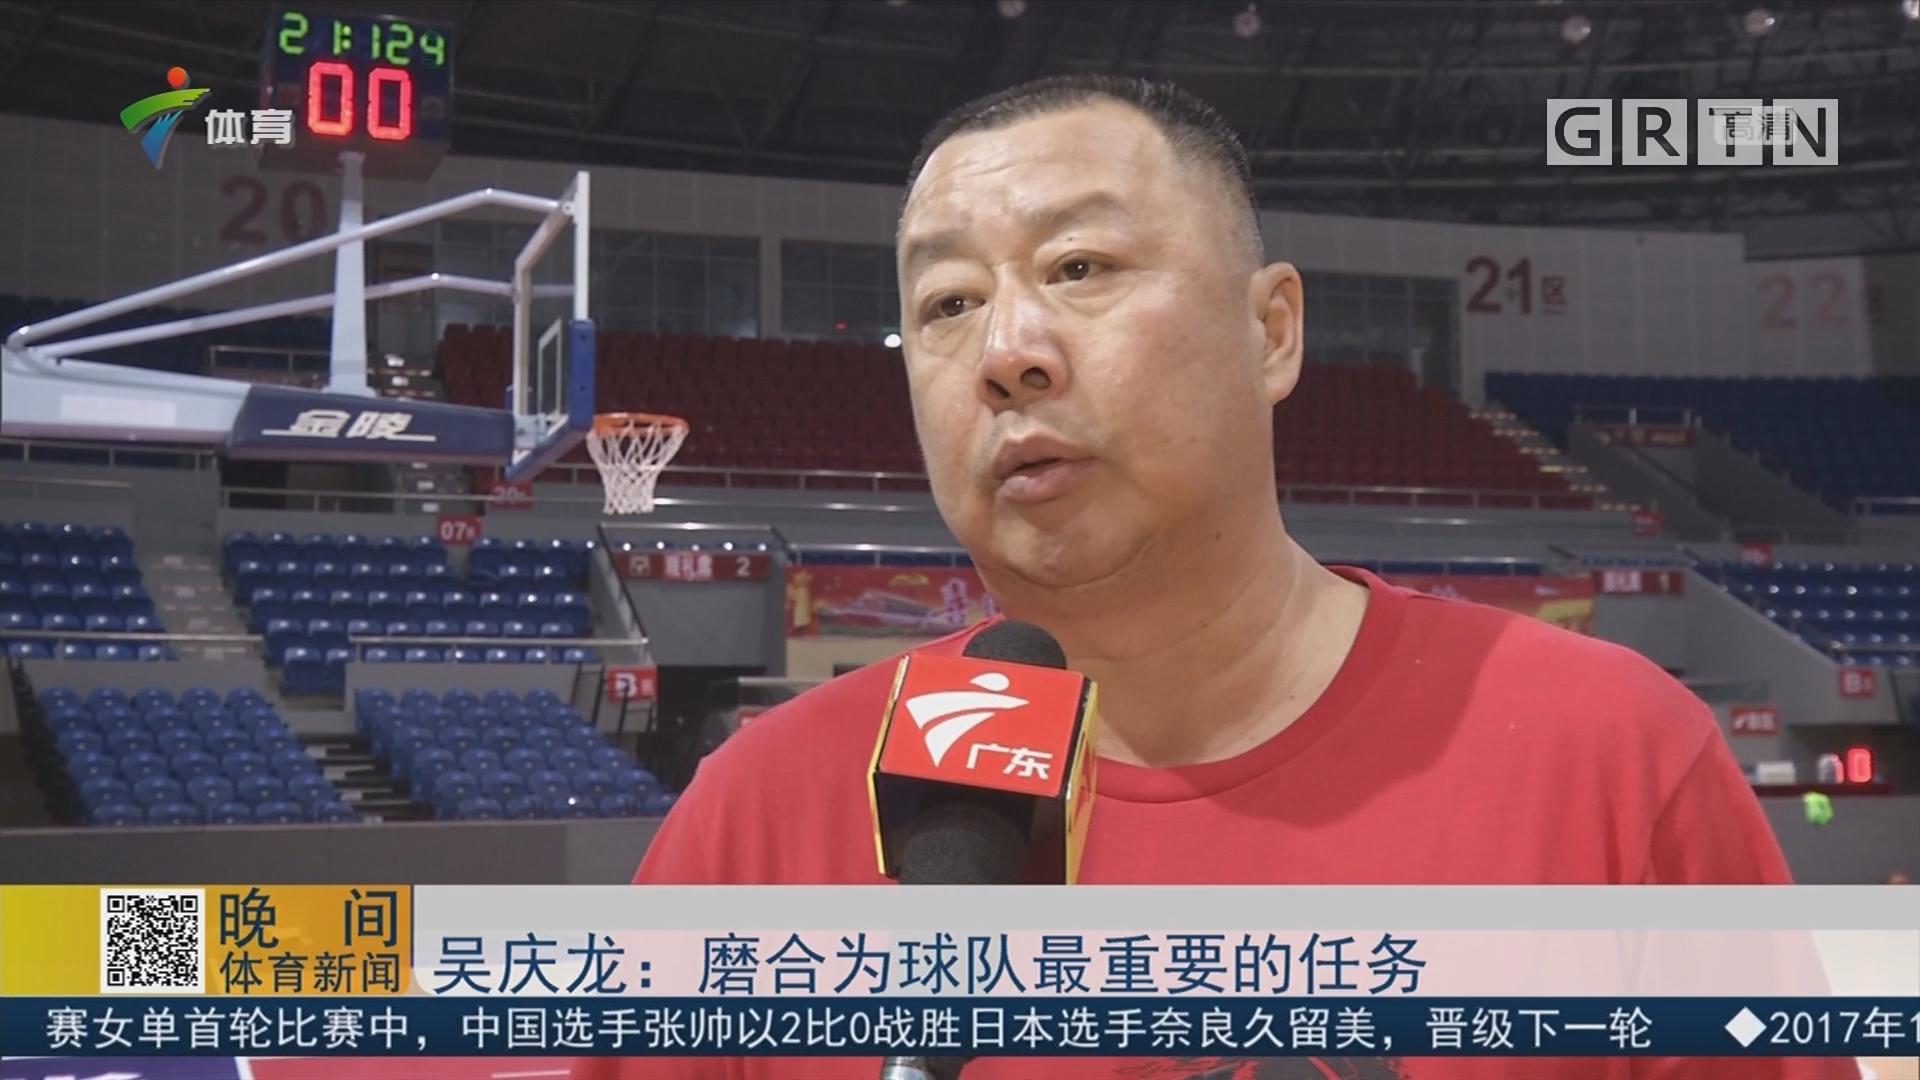 吴庆龙:磨合为球队最重要的任务